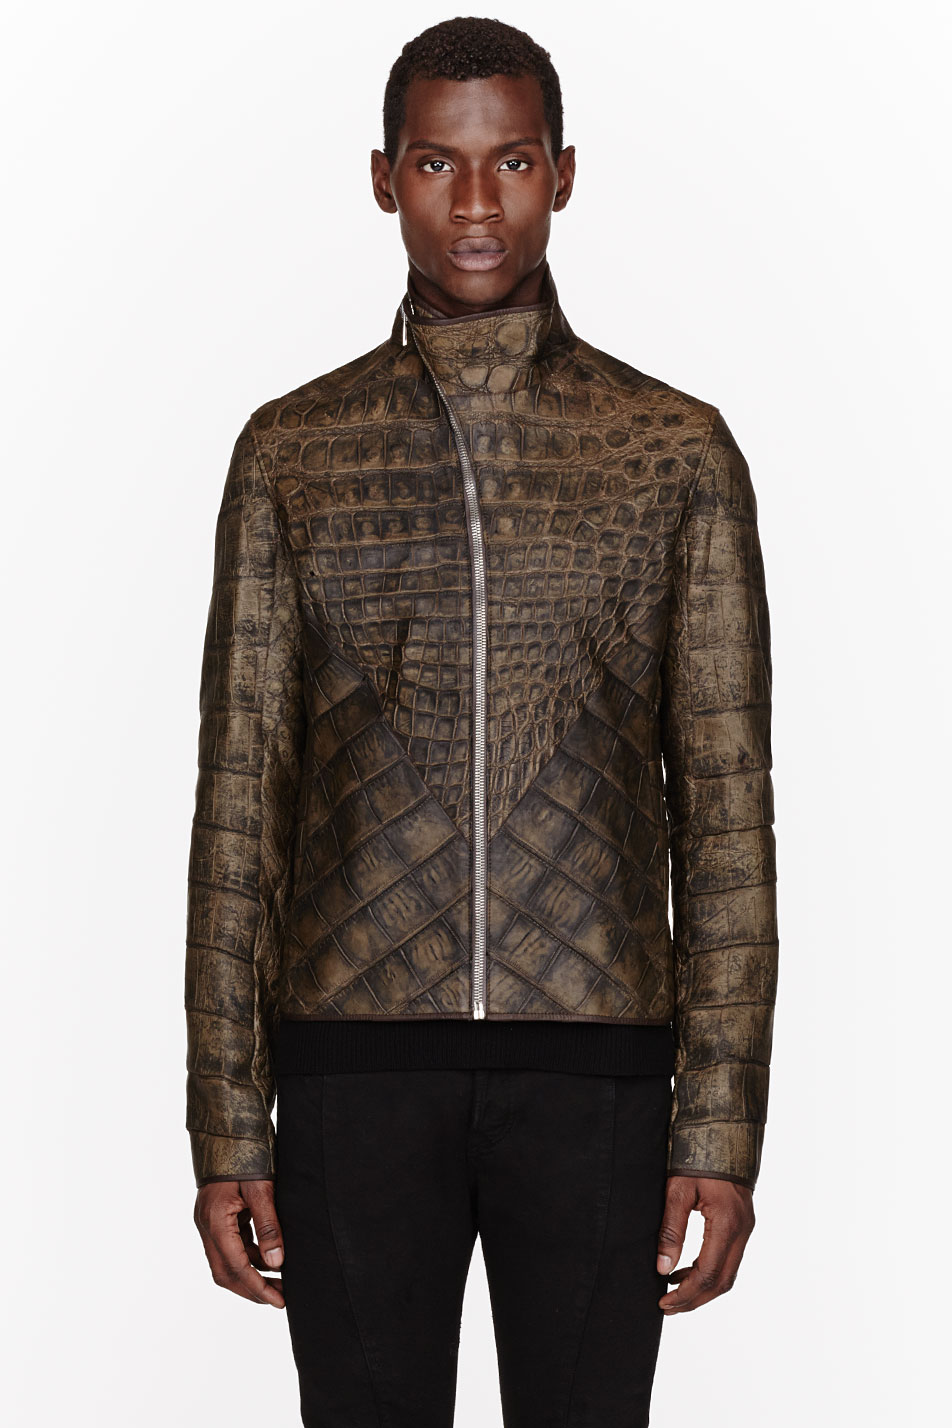 Rick Owens $50,000 leather jacket alligator menswear lookbook 3